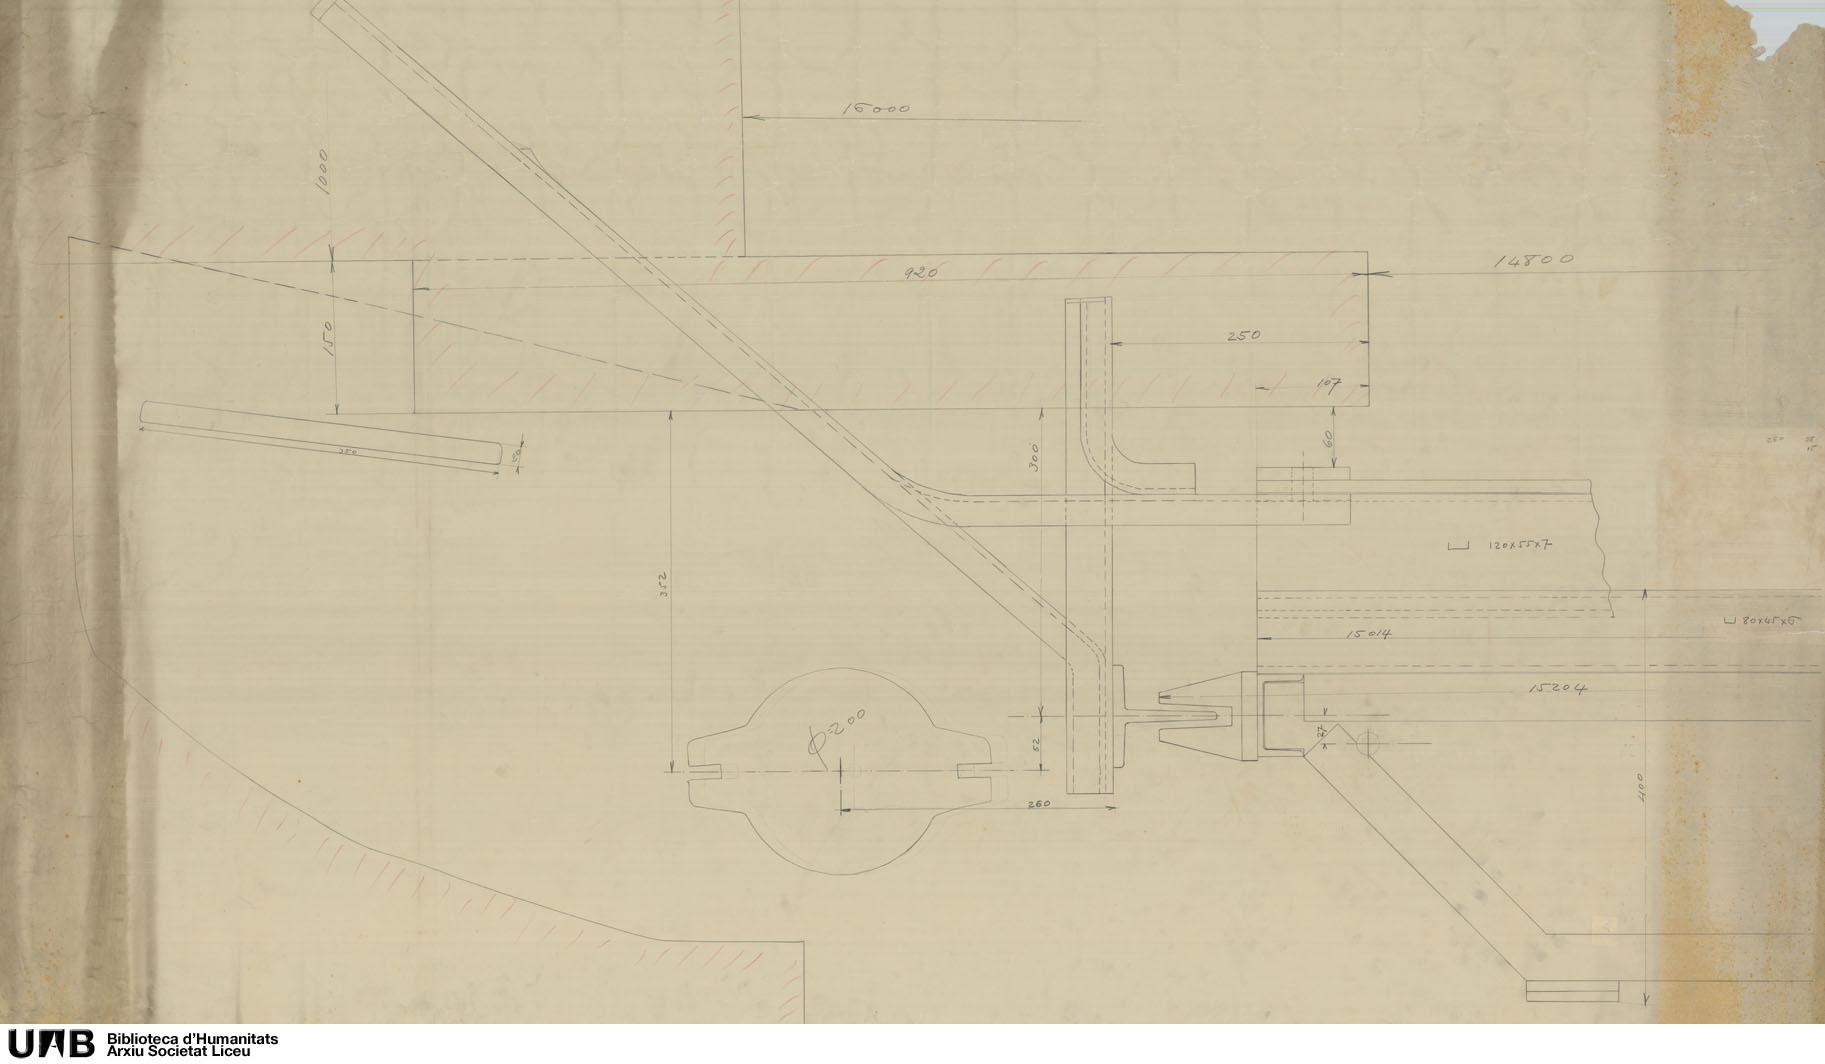 [Detall del mecanisme del teló metàl·lic]